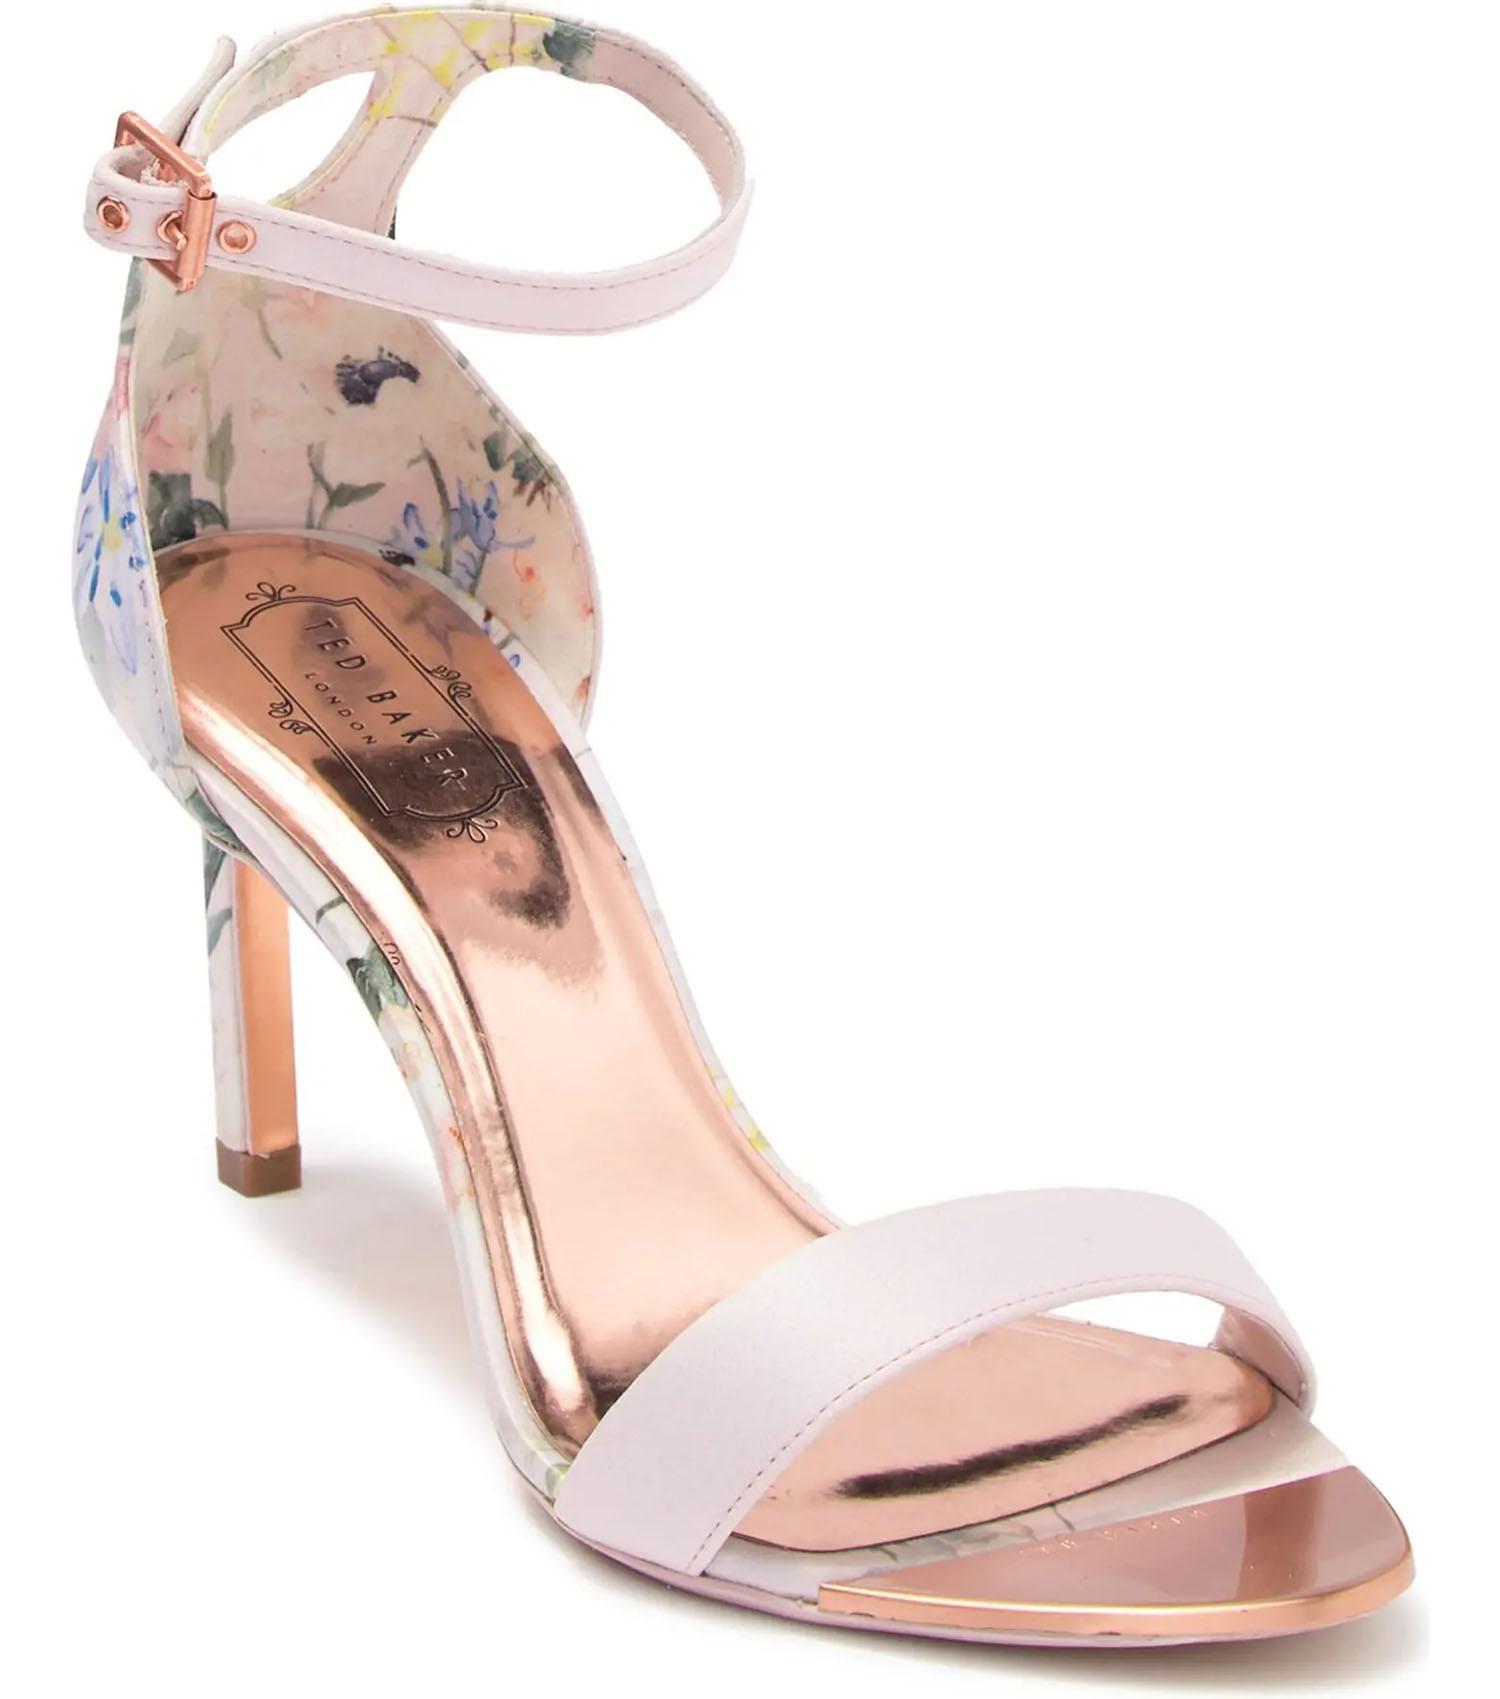 Ted Baker floral sandal heel Nordstrom Rack wedding shoes